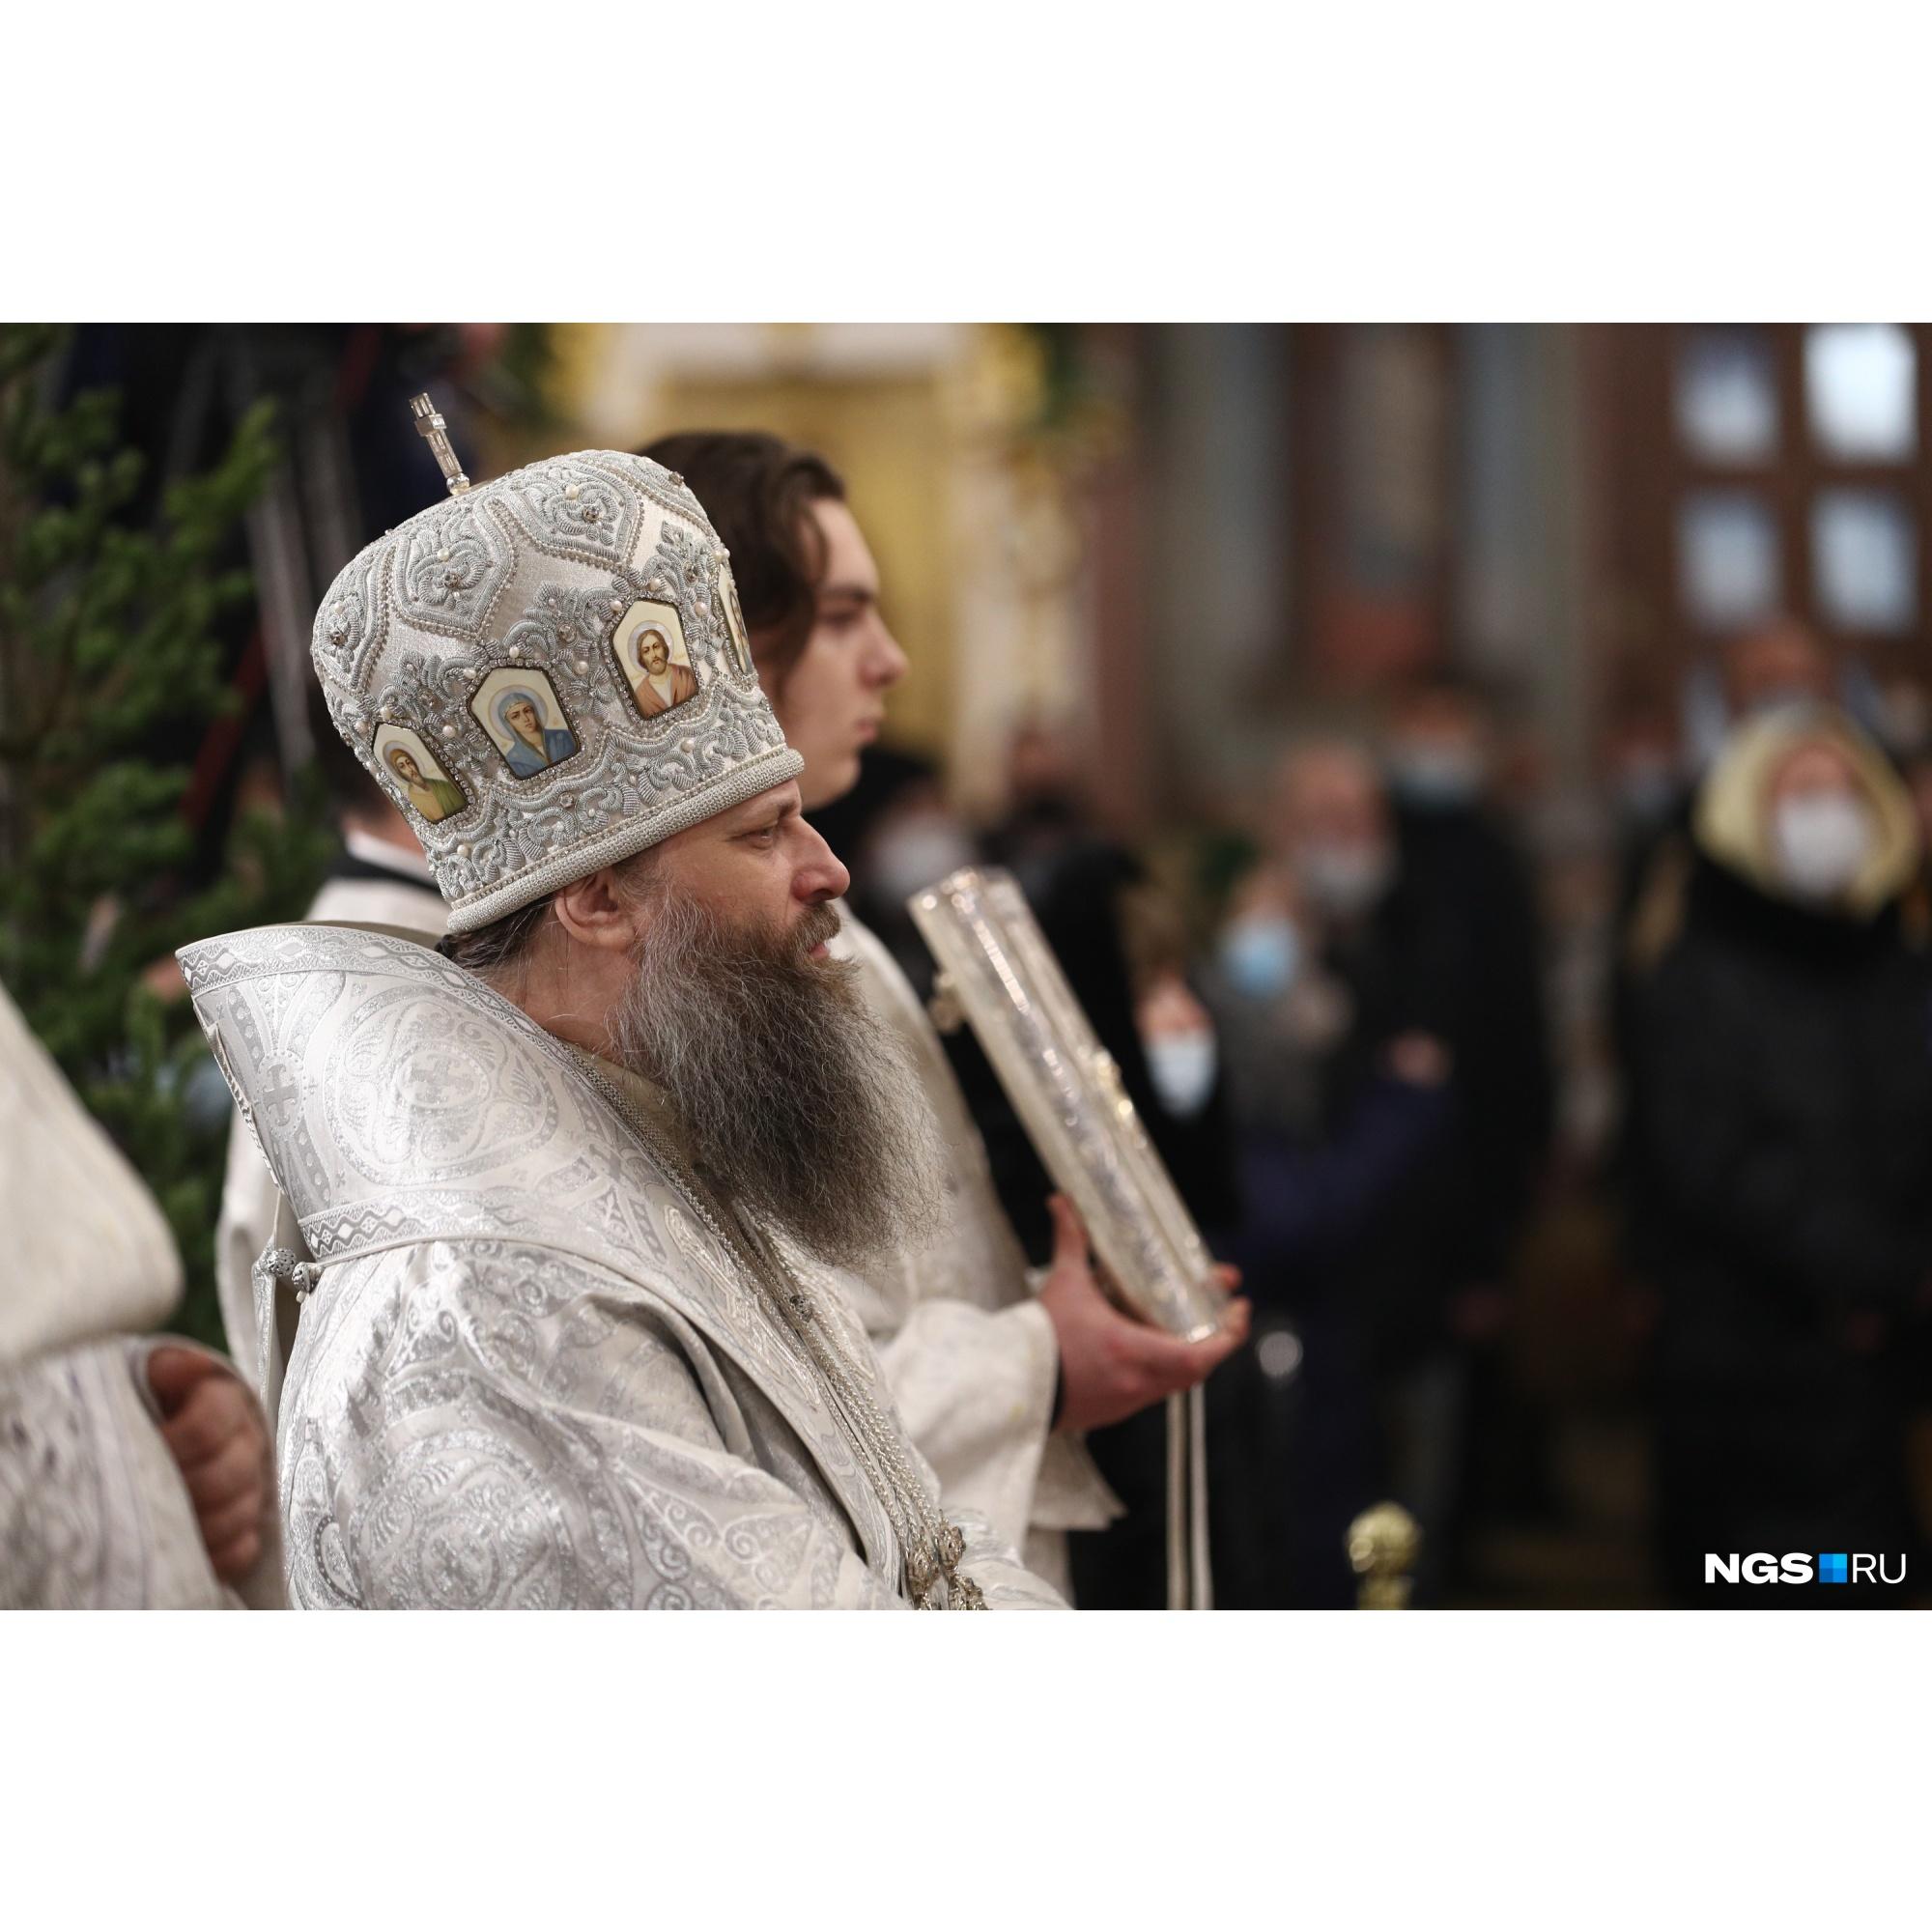 Красота, торжественность и возвышенность ритуалов — то, за что многие ценят православные богослужения